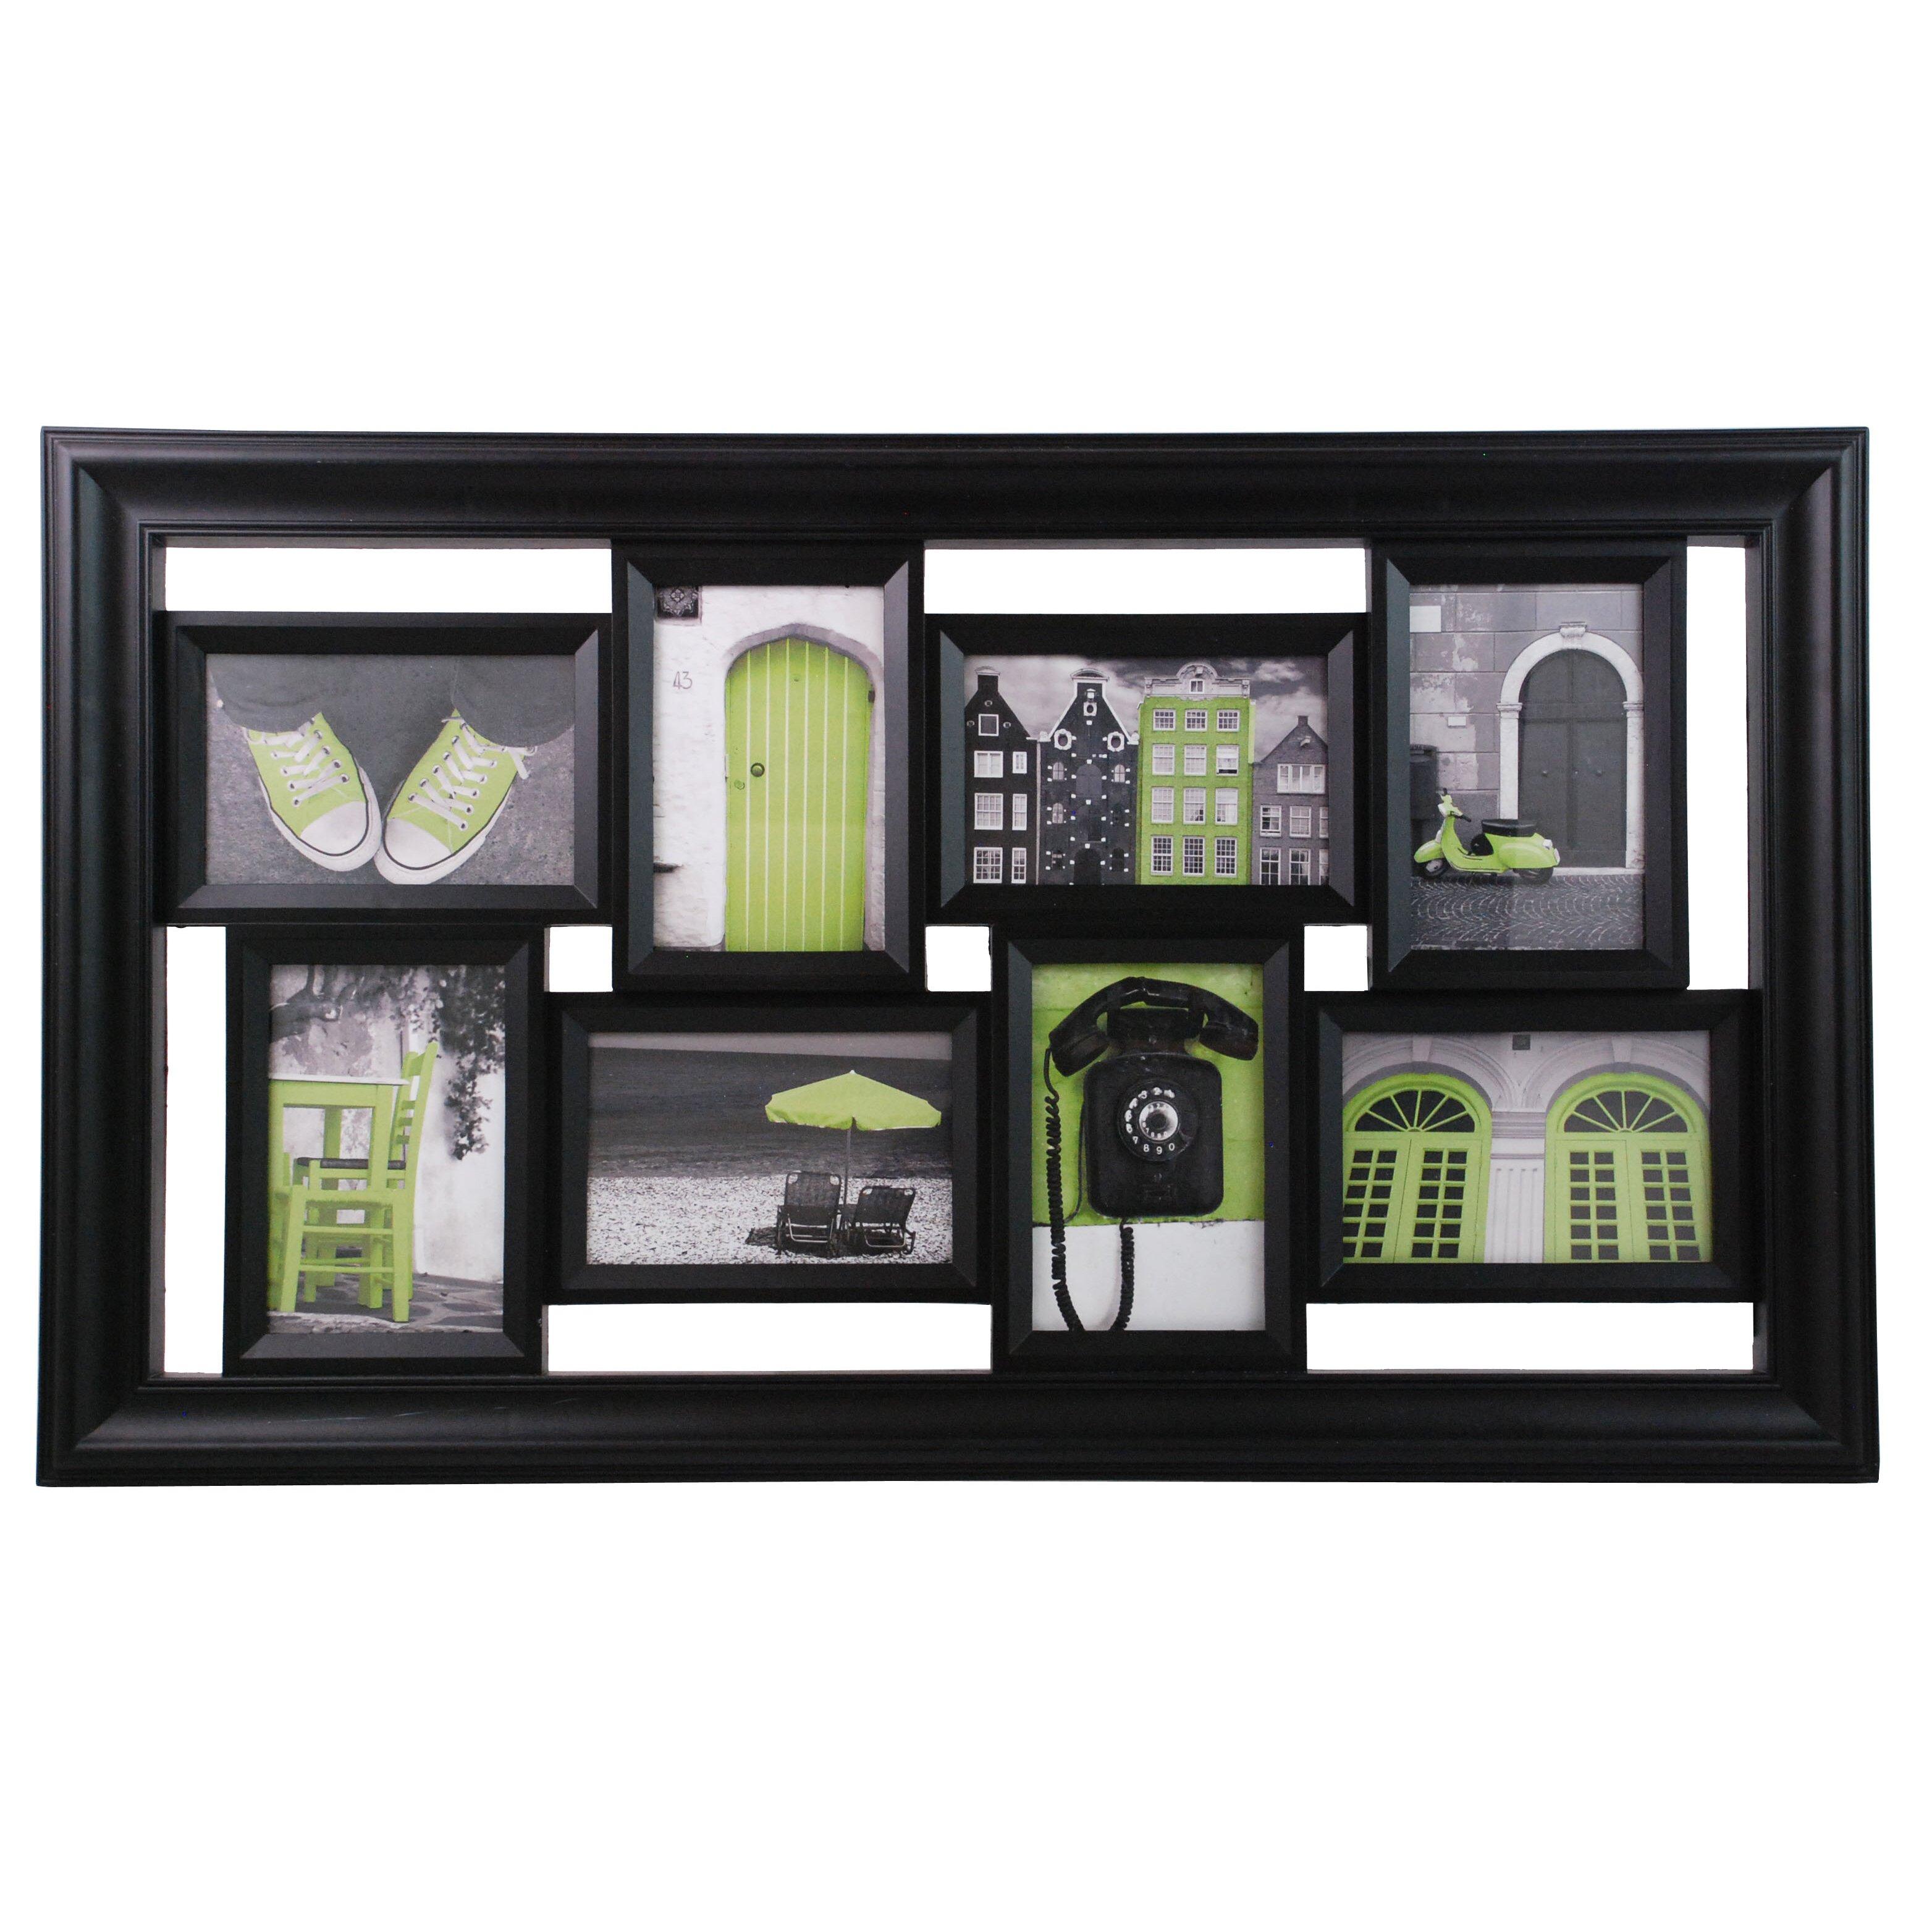 Nexxt Design Montage 8 Piece Picture Frame Set Reviews